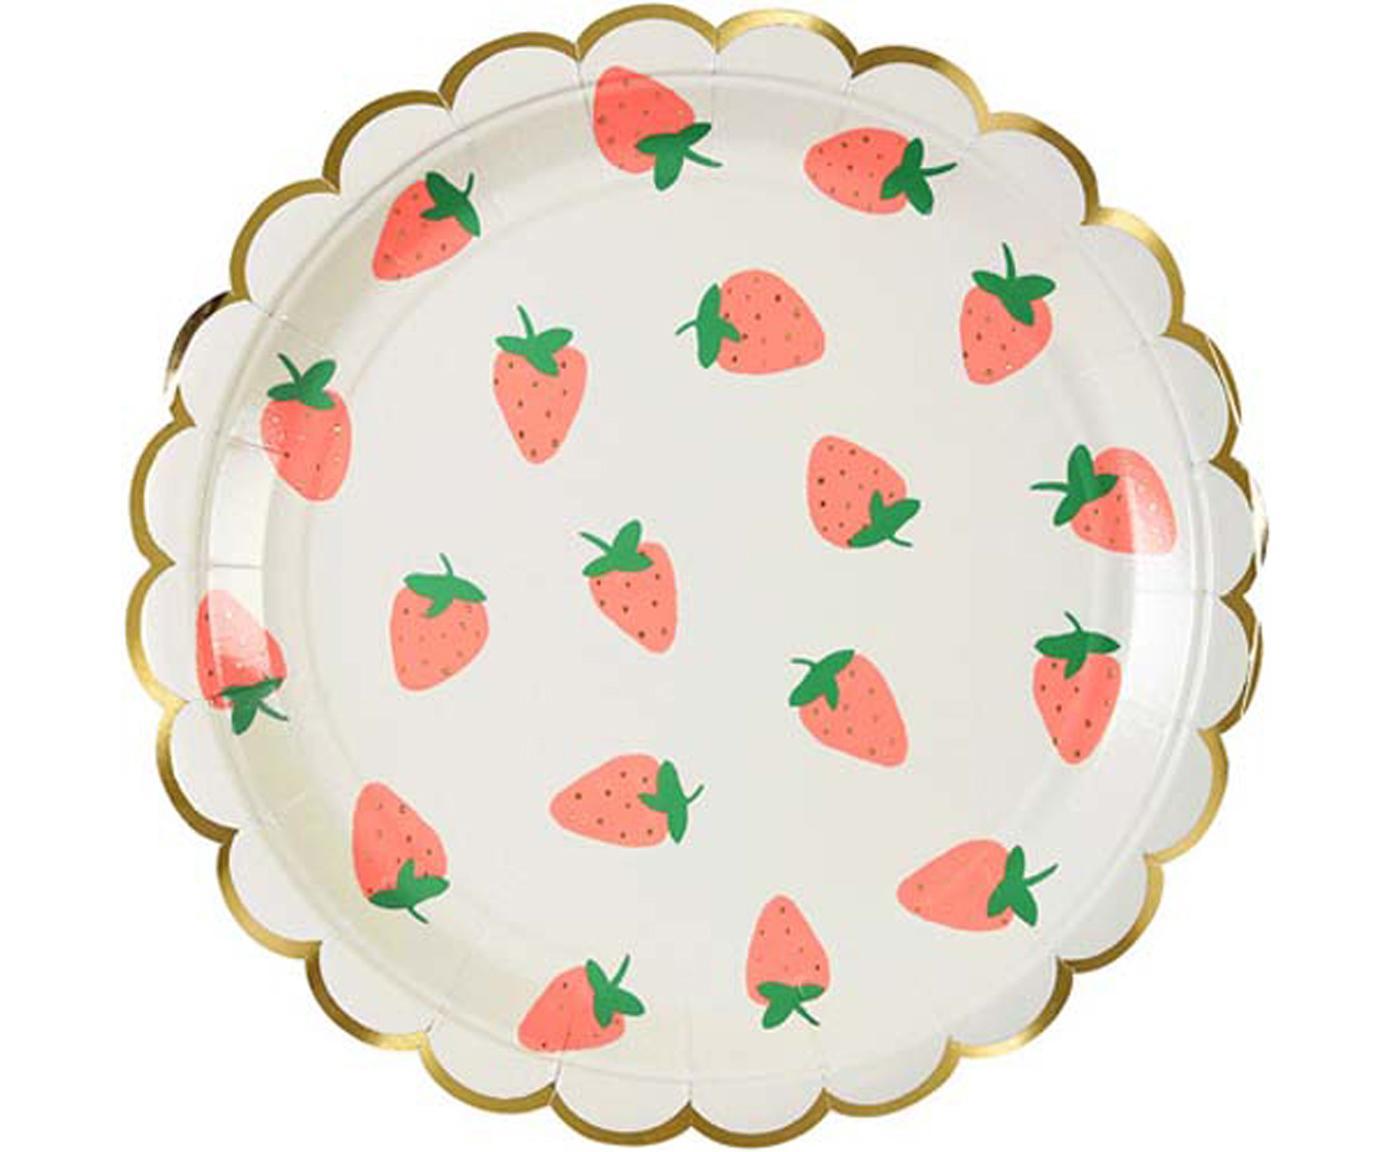 Piatto di carta Strawberry, 8 pz., Carta, sventato, Bianco, rosa, verde, Ø 20 x Alt. 1 cm